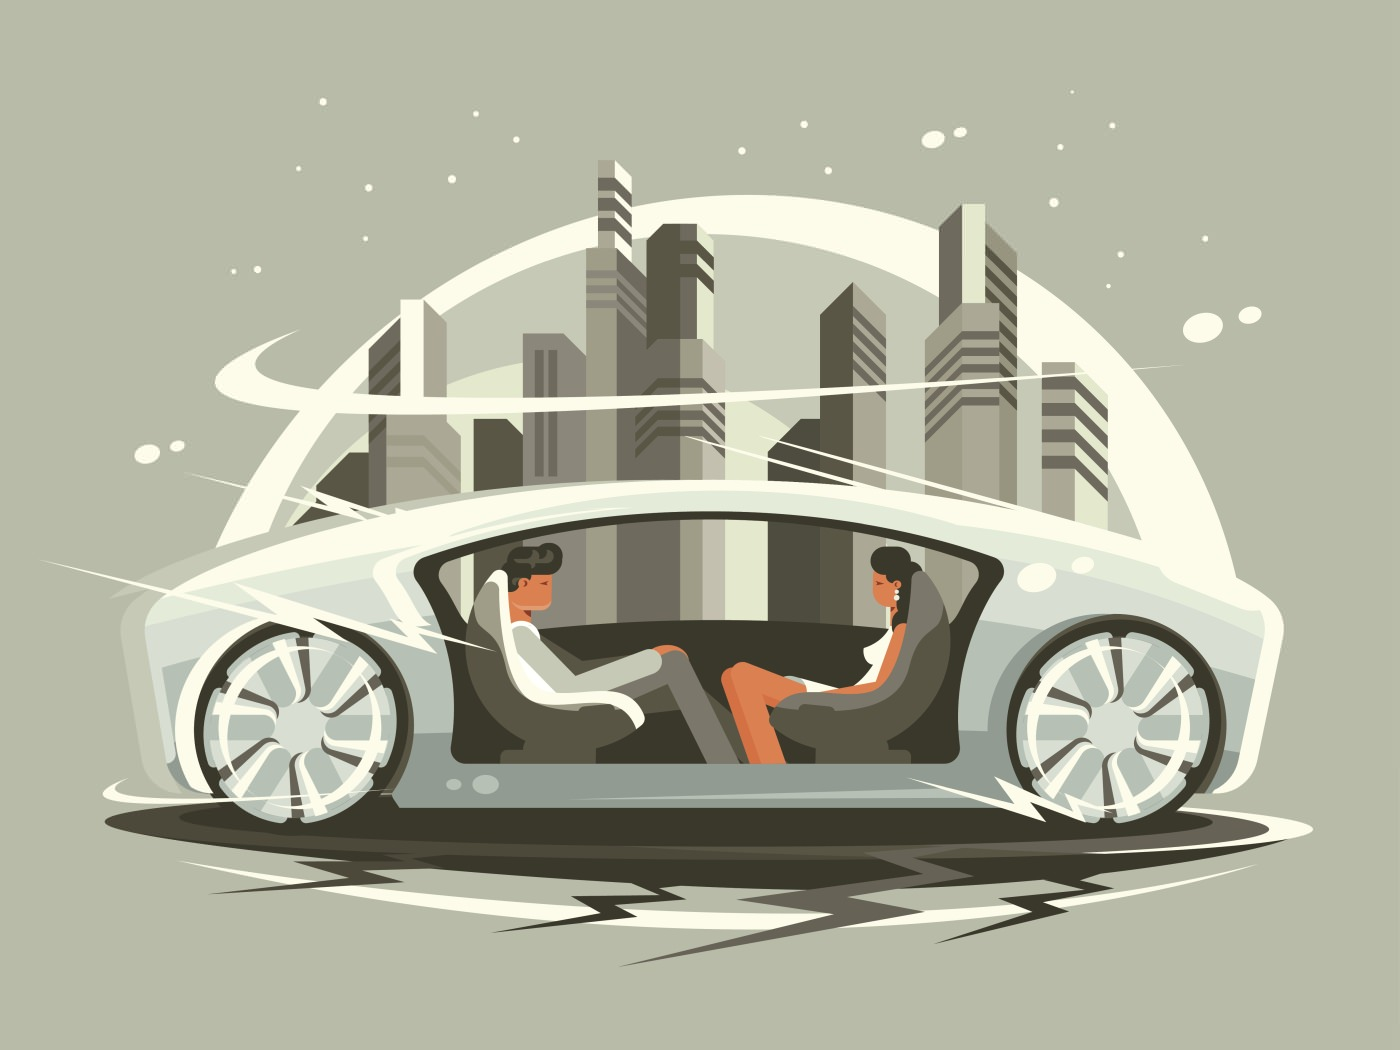 Wirkung autonomes Fahren automatisiertes Fahren Stadt Umfeld Arbeit Land